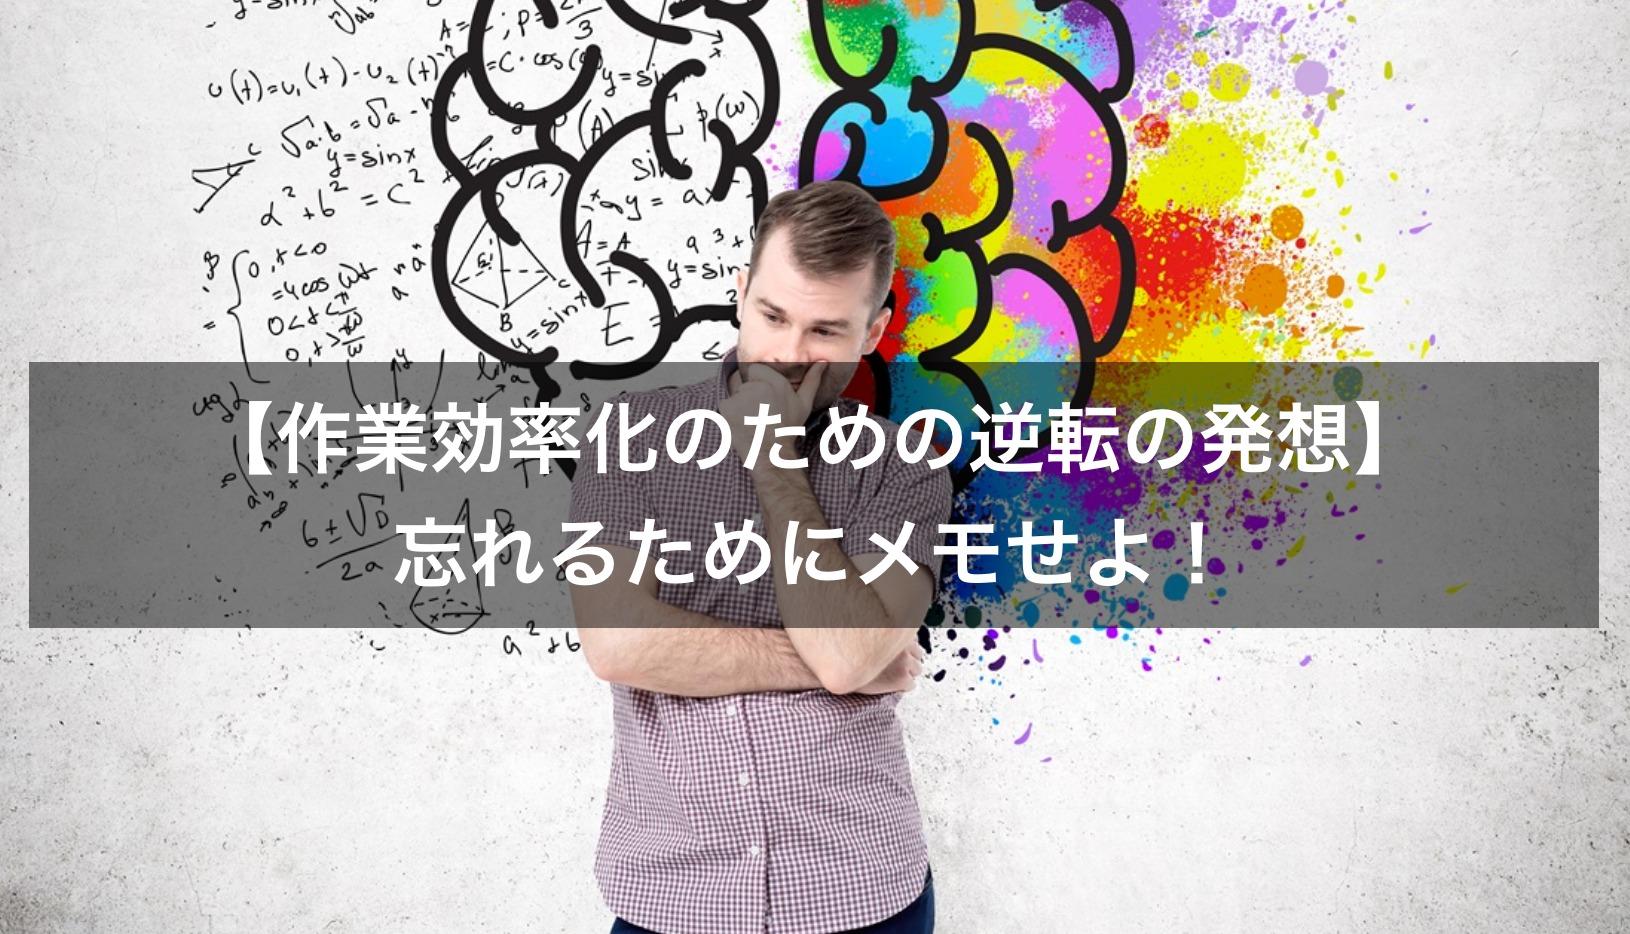 【作業効率化】忘れるためにメモし、脳のワーキングメモリを減らせ